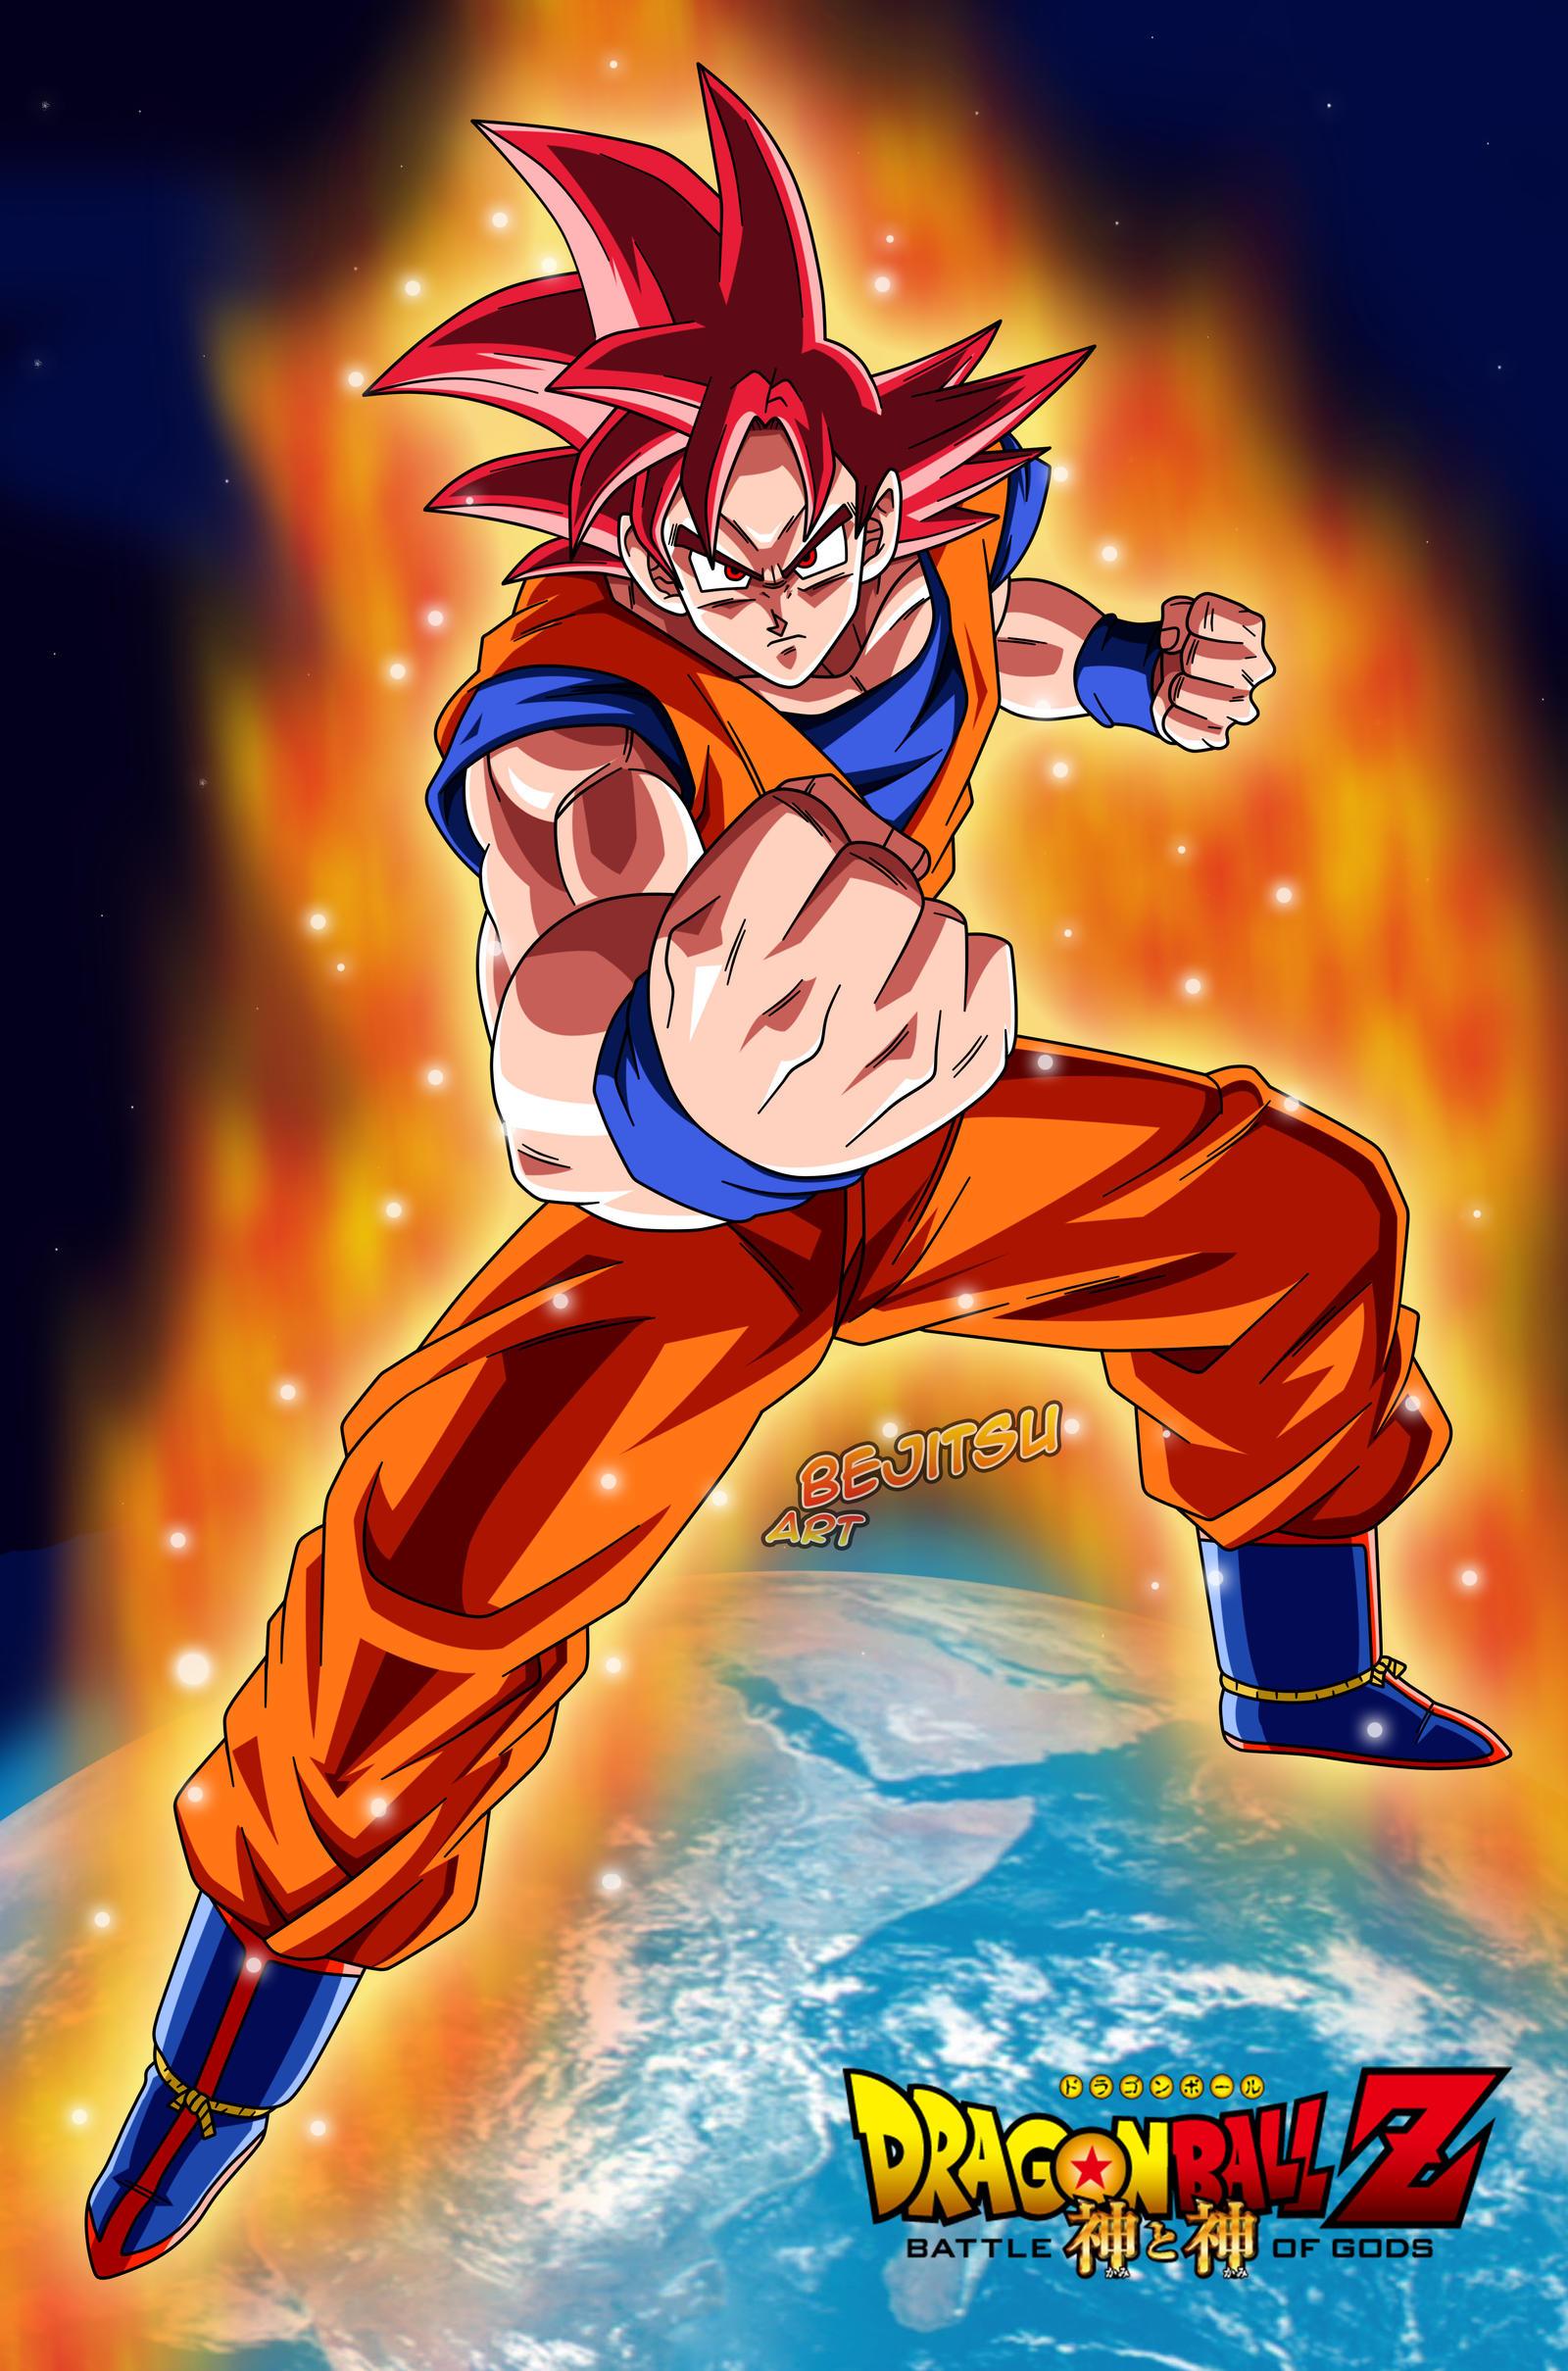 Goku ssjGod by Bejitsu on DeviantArt